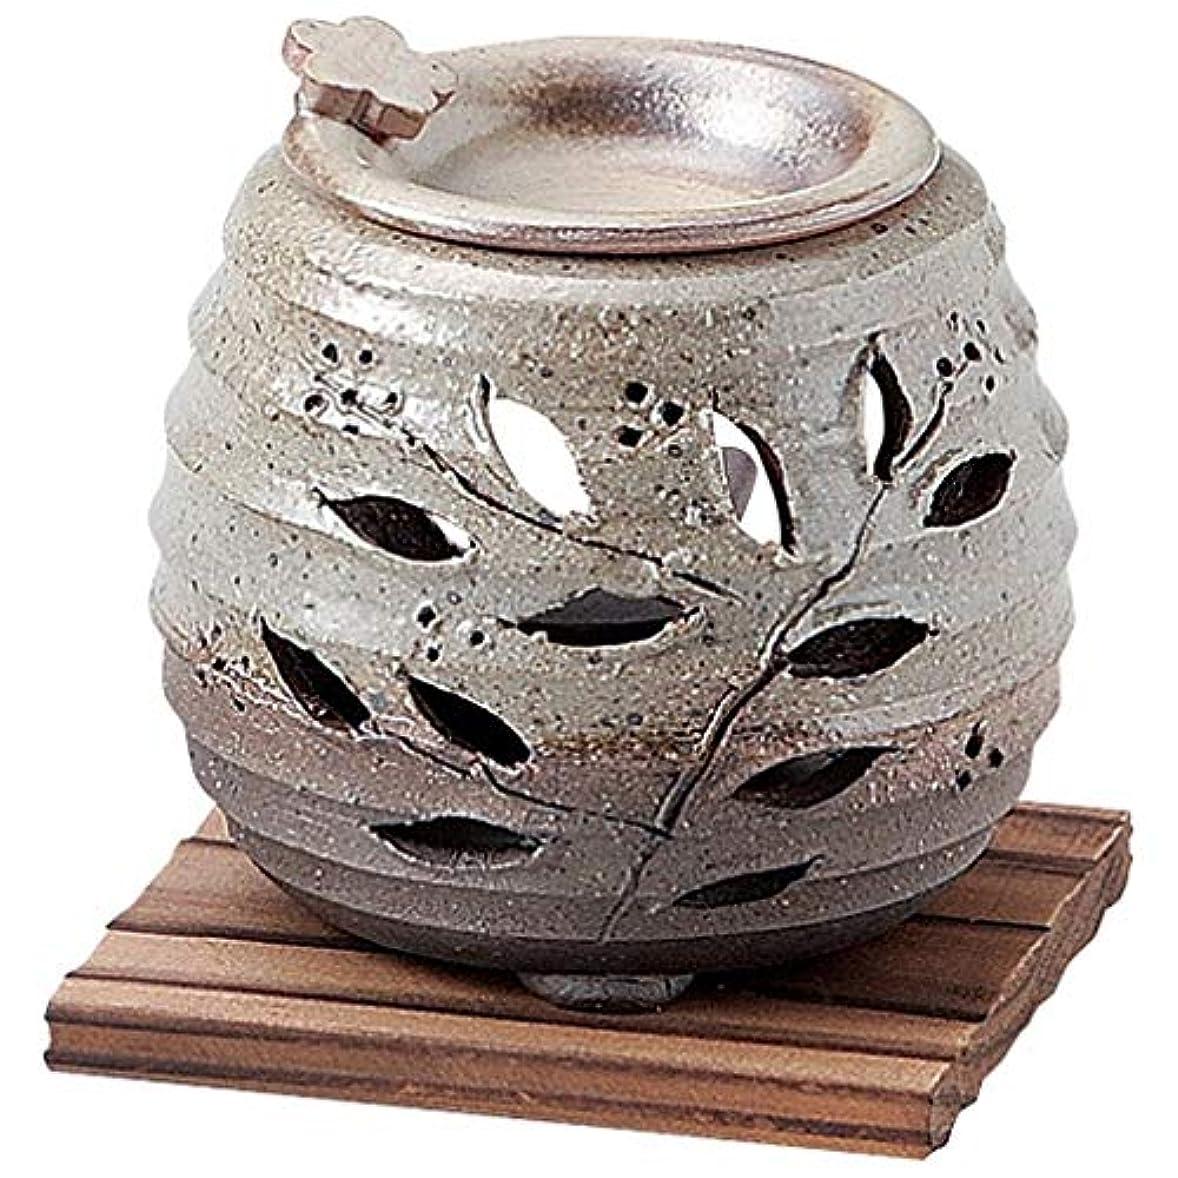 のヒープ台風推測するお部屋の消臭に!■常滑焼【茶香炉】石龍作 緑灰釉花茶香炉(板付)